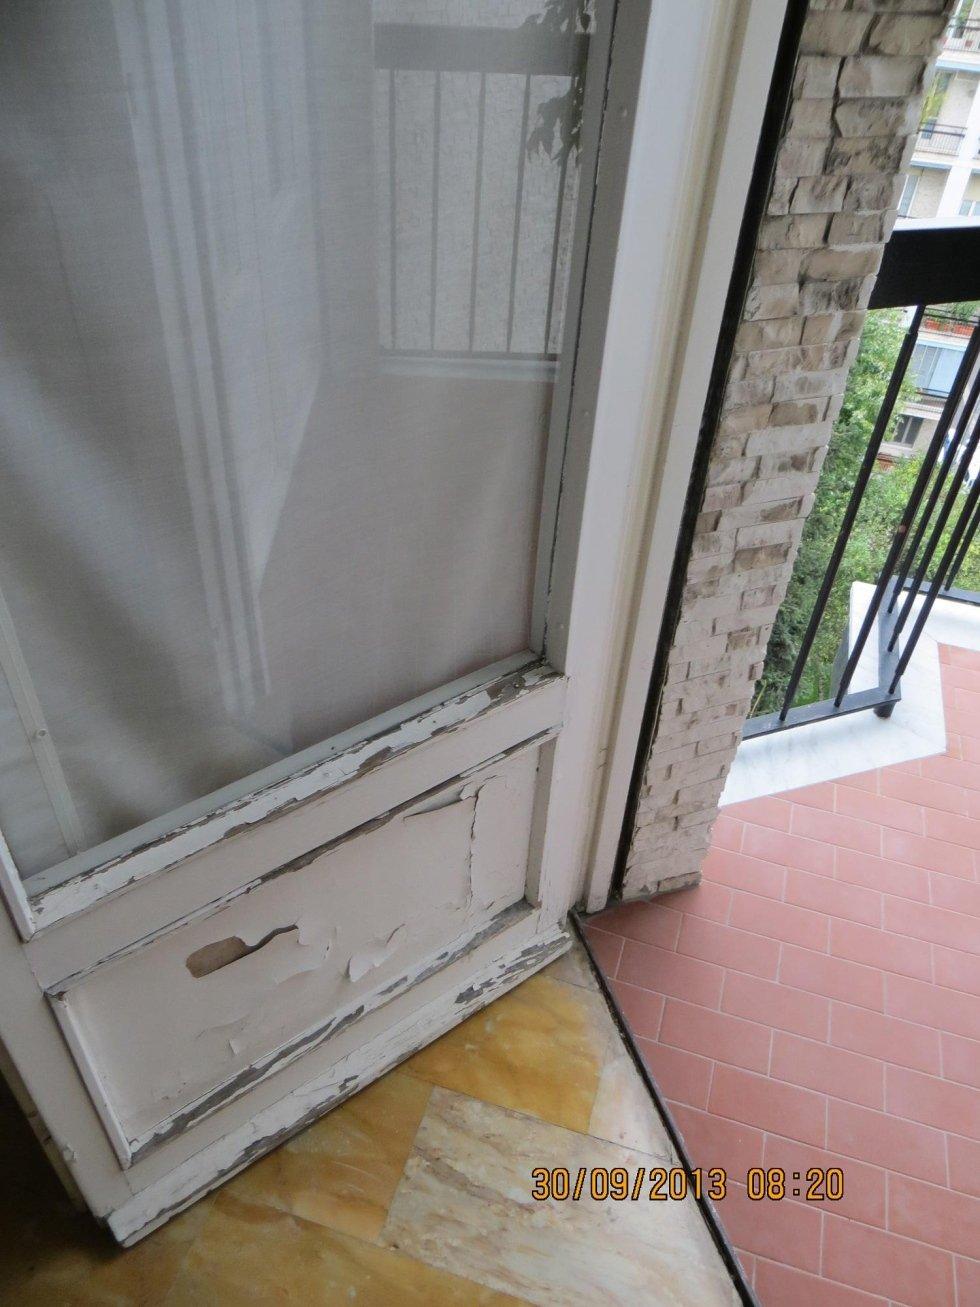 vernice della finestra sbucciata